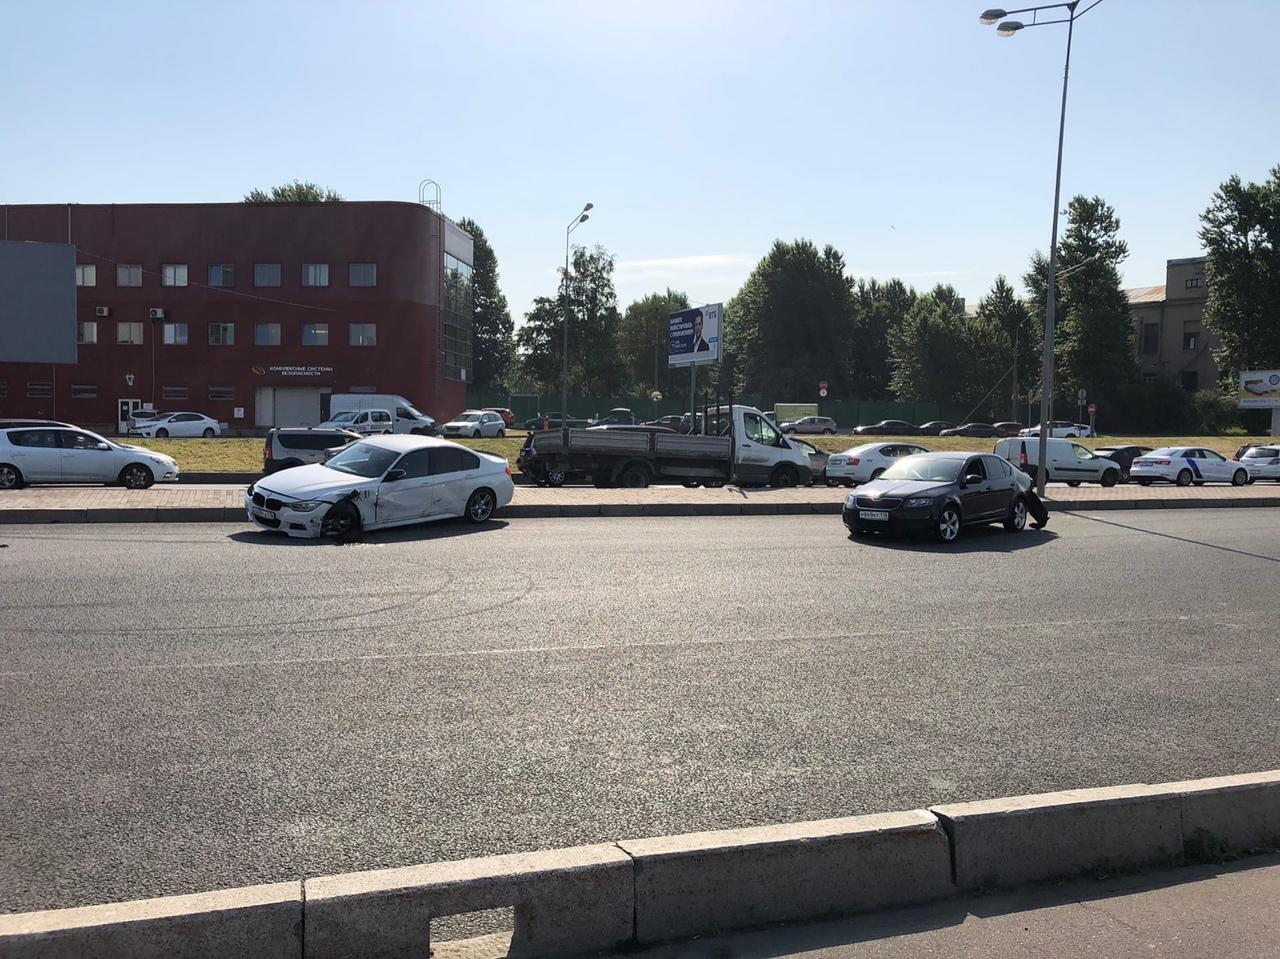 Ищу очевидцев ДТП между БМВ и Шкодой на Малоохтинской наб, перед мостом Александра Невского. Авария ...